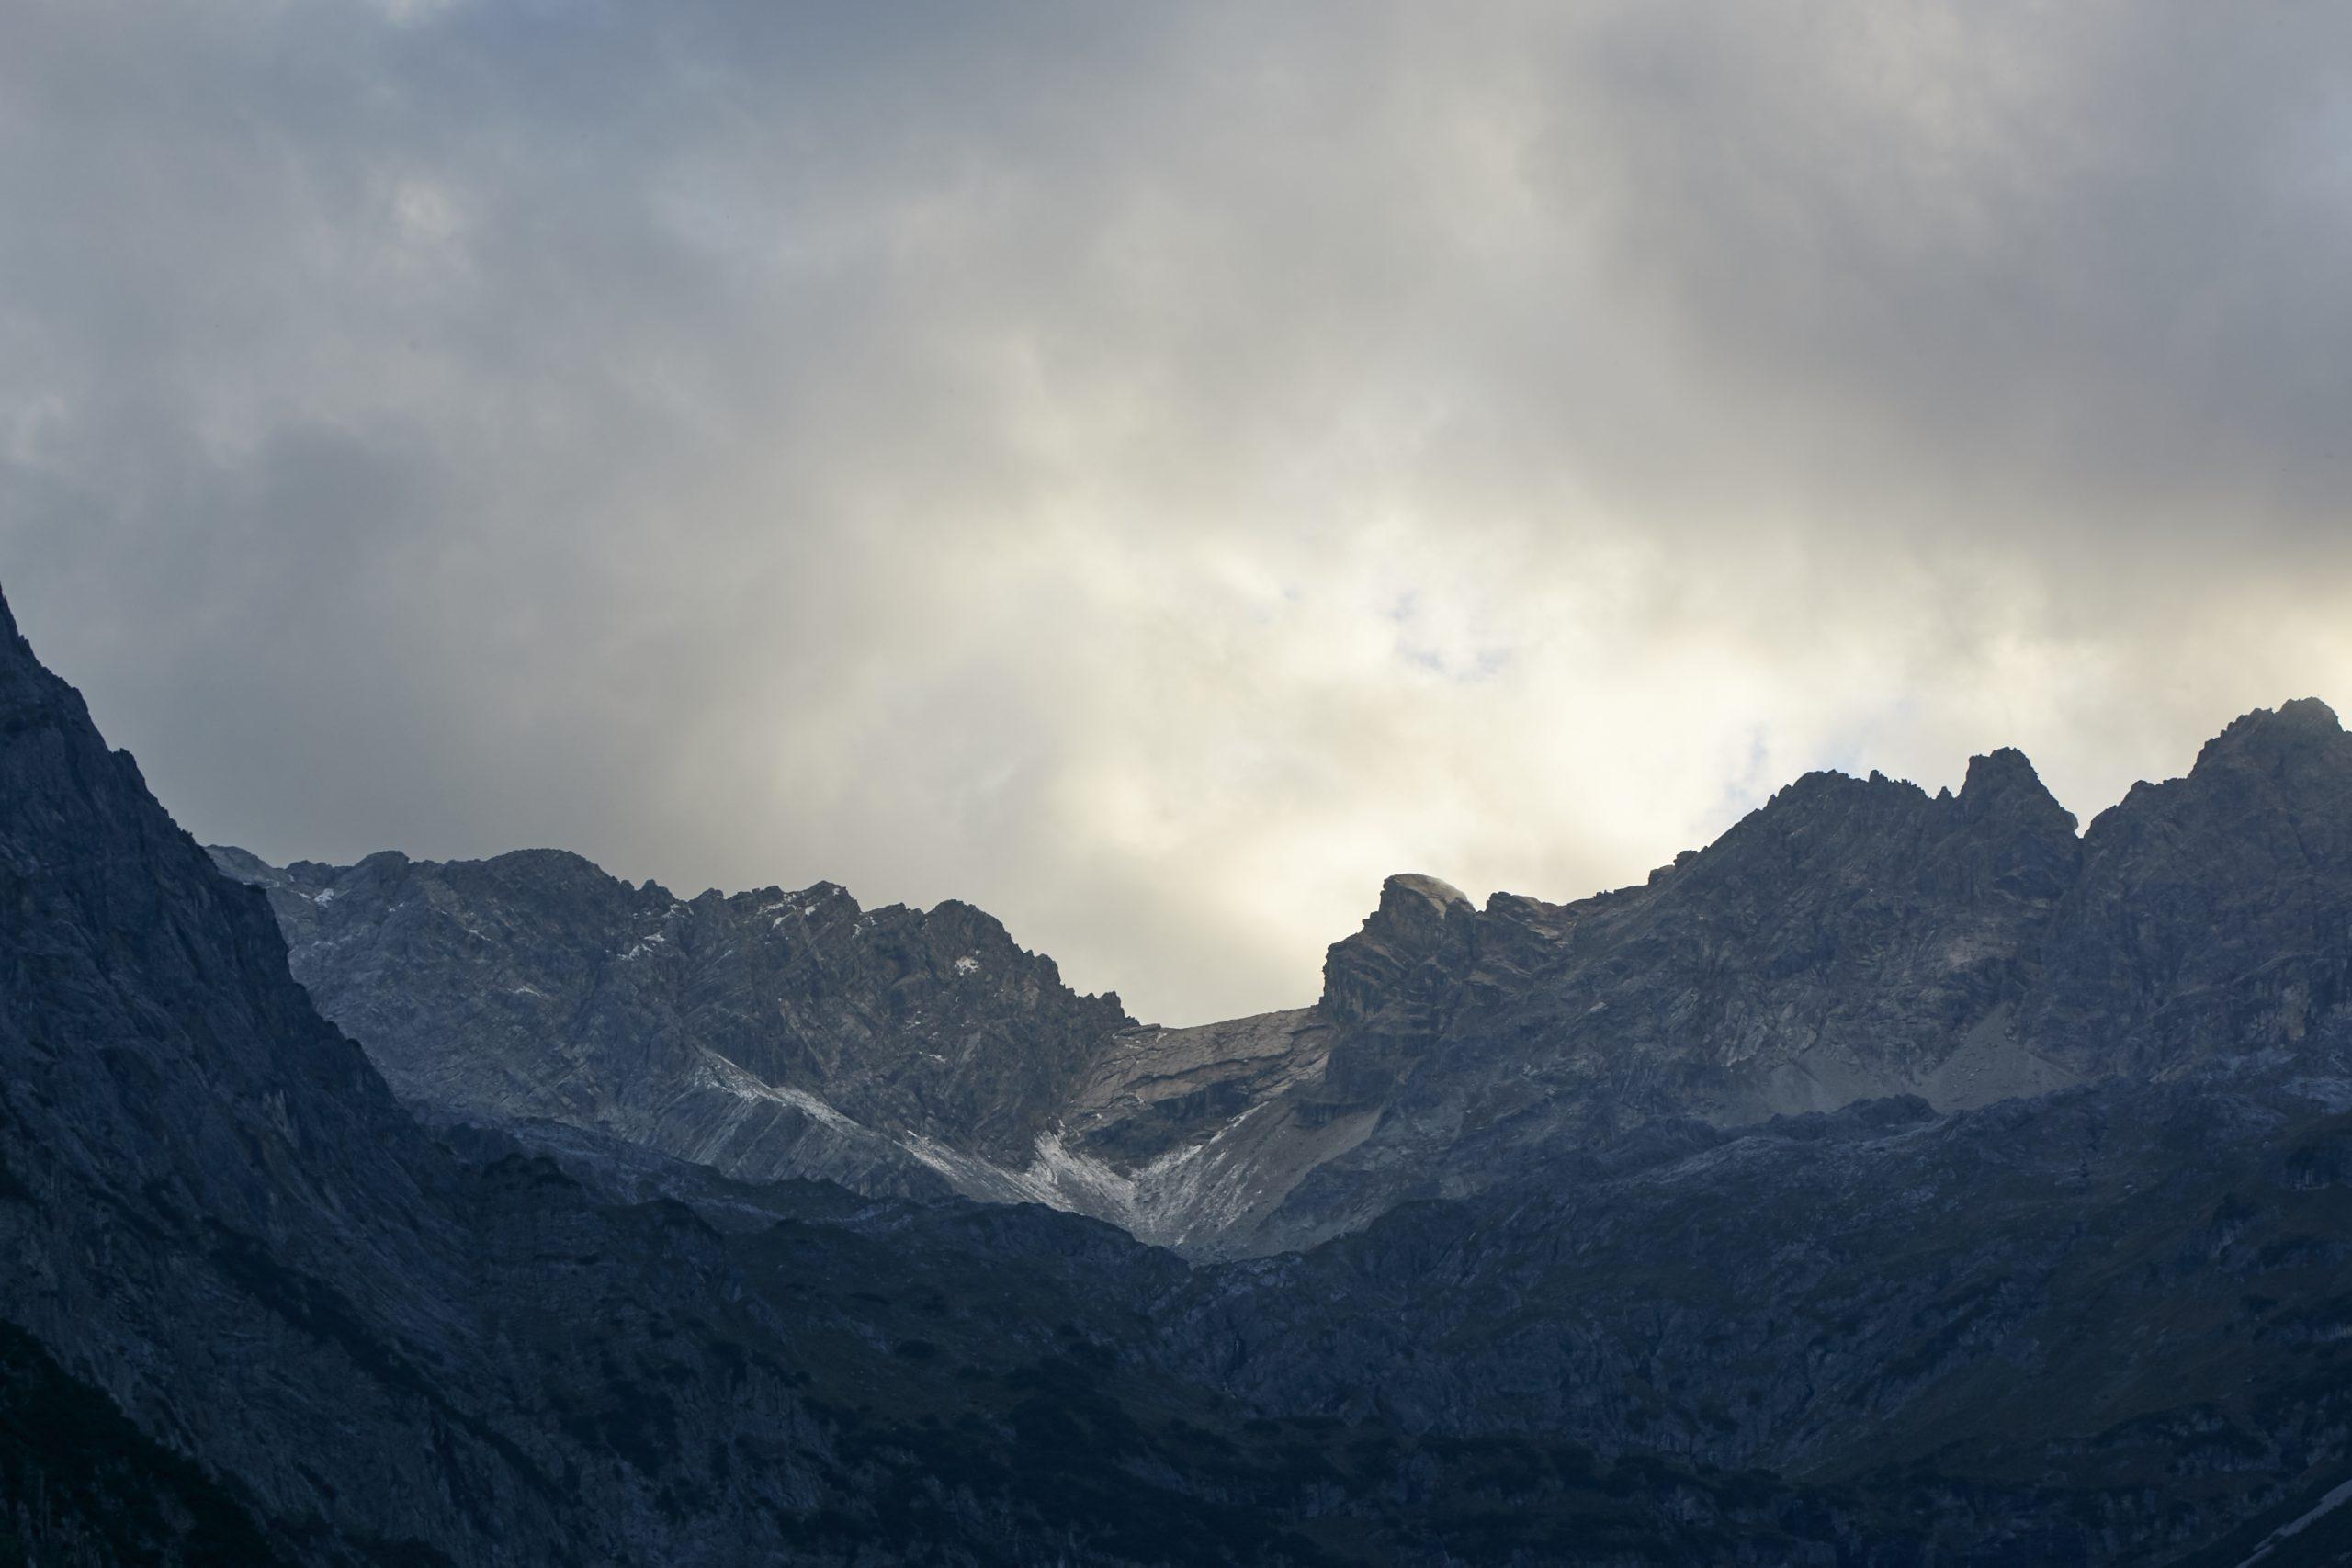 Österreich, Austria, Alpen, Tirol, Alps, Landscape, Berge, Sonnenlicht